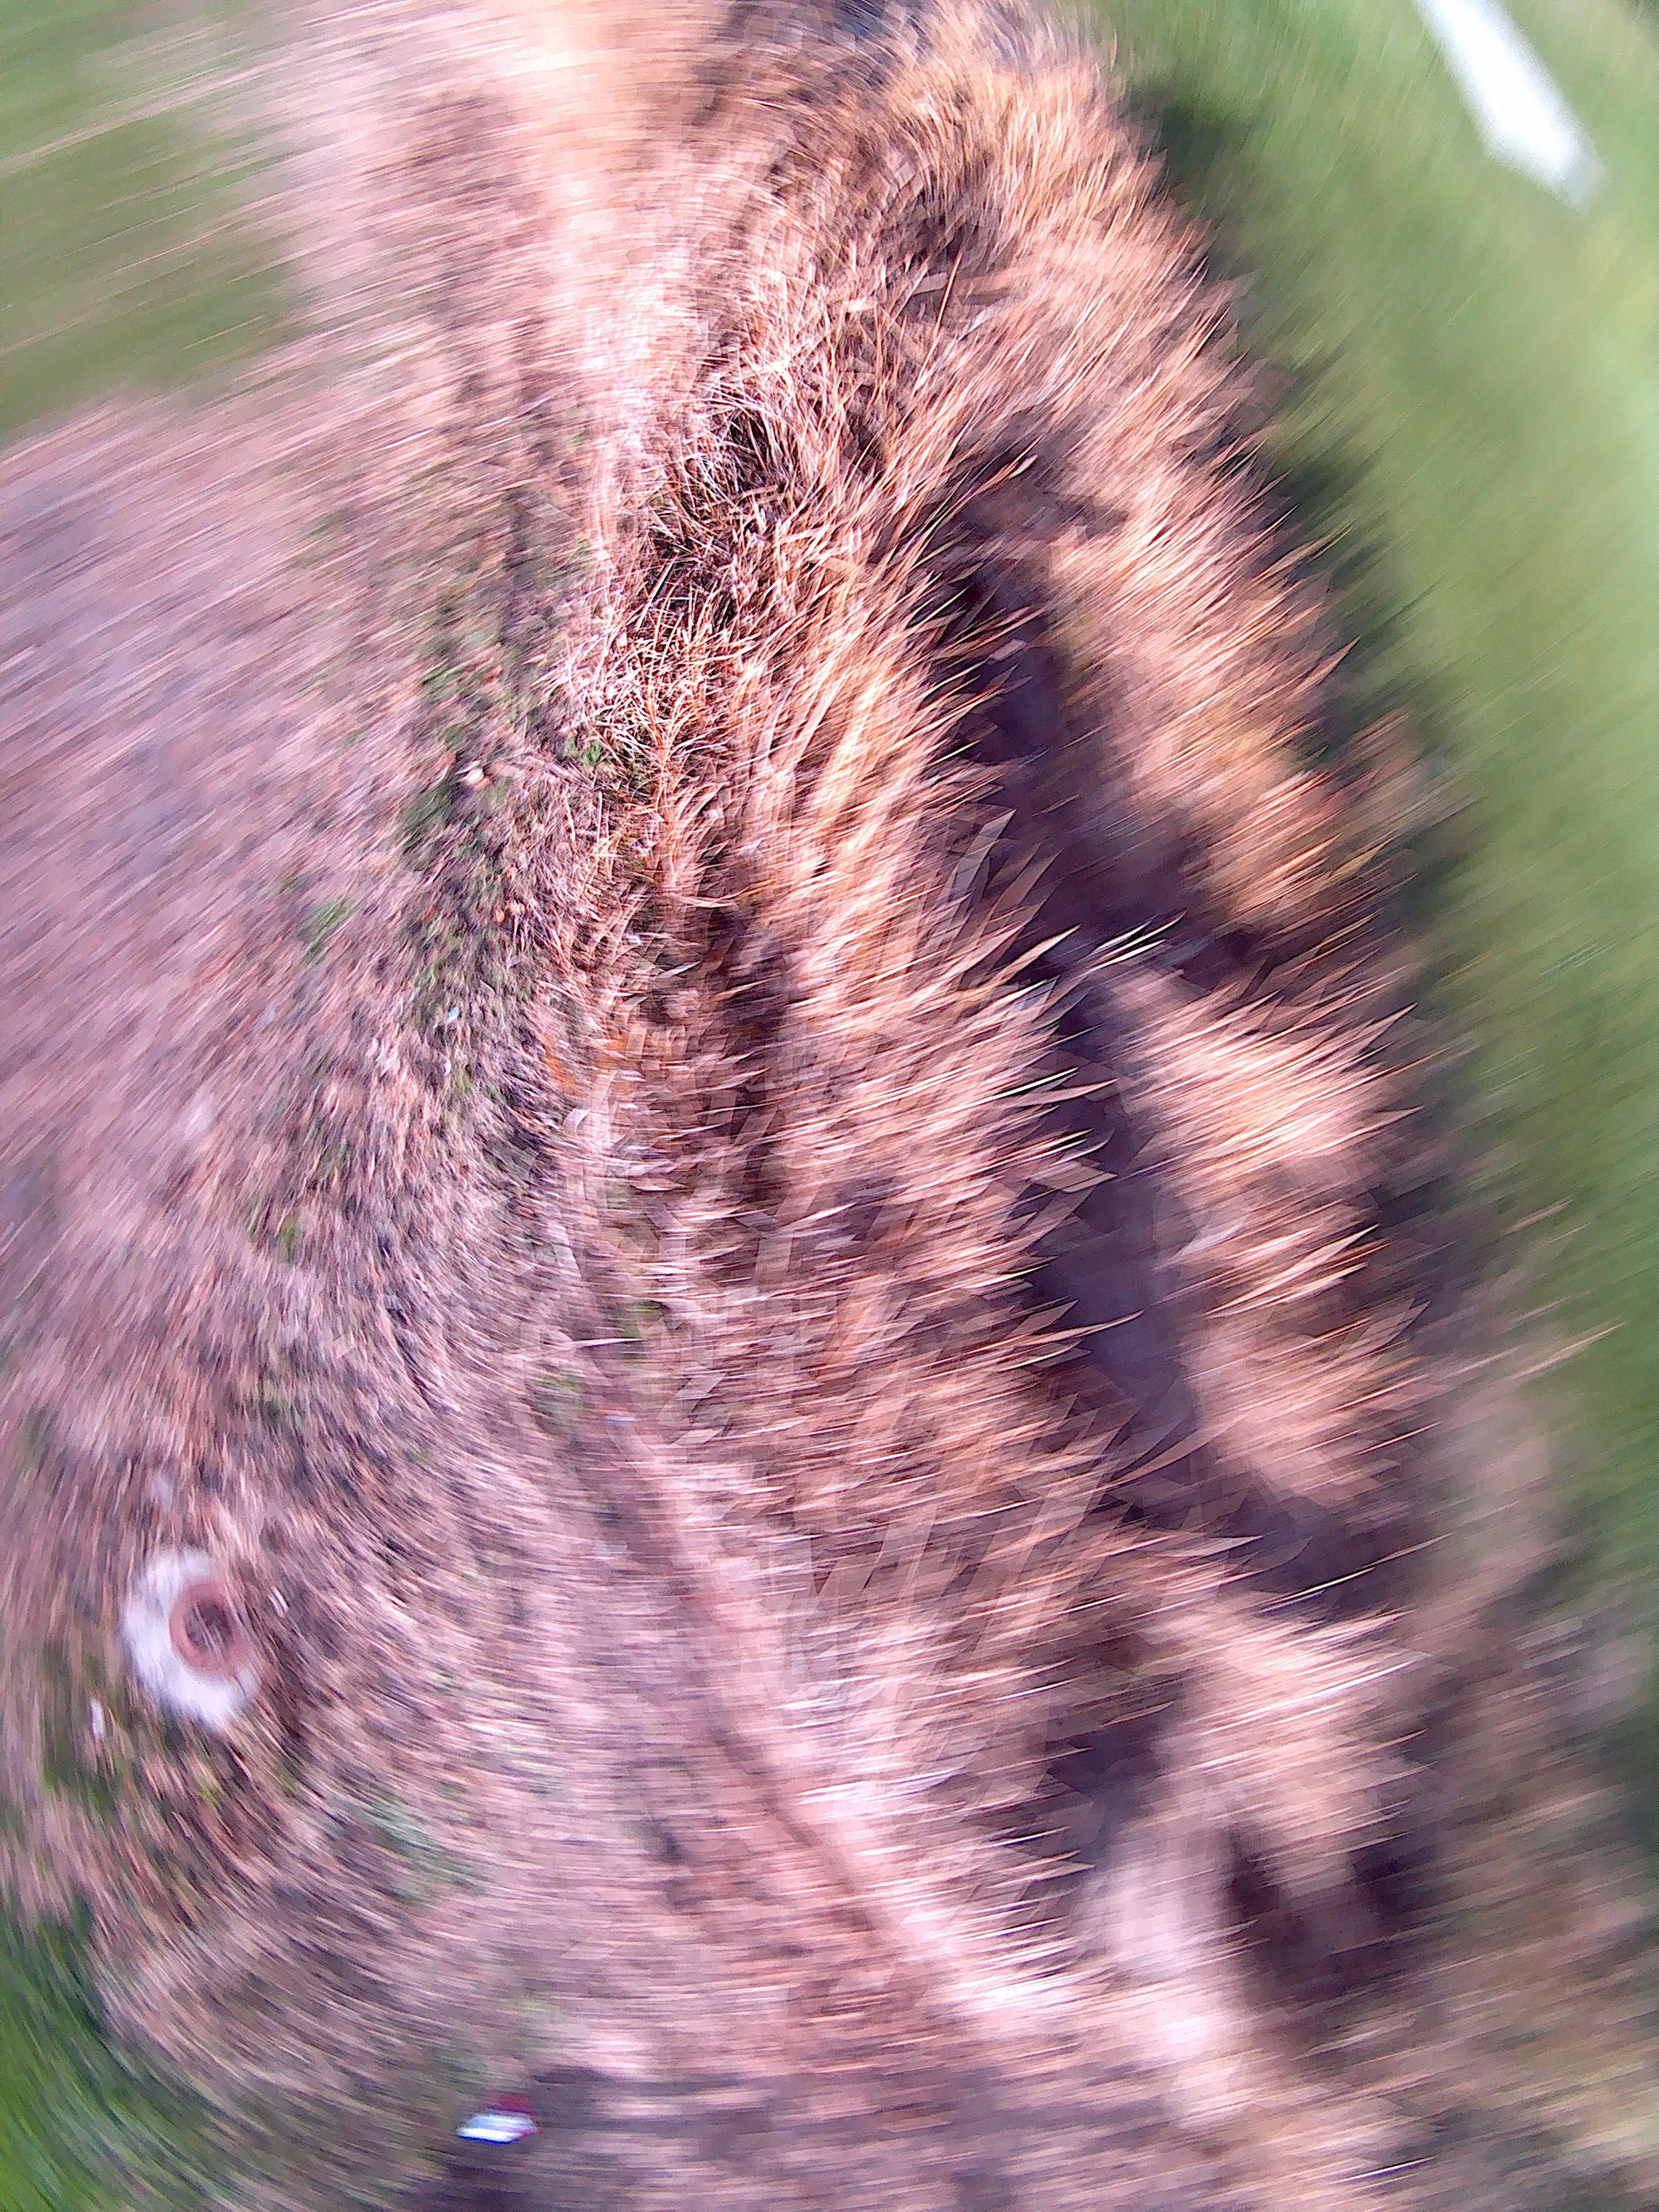 Copper Slough at Dodds Park